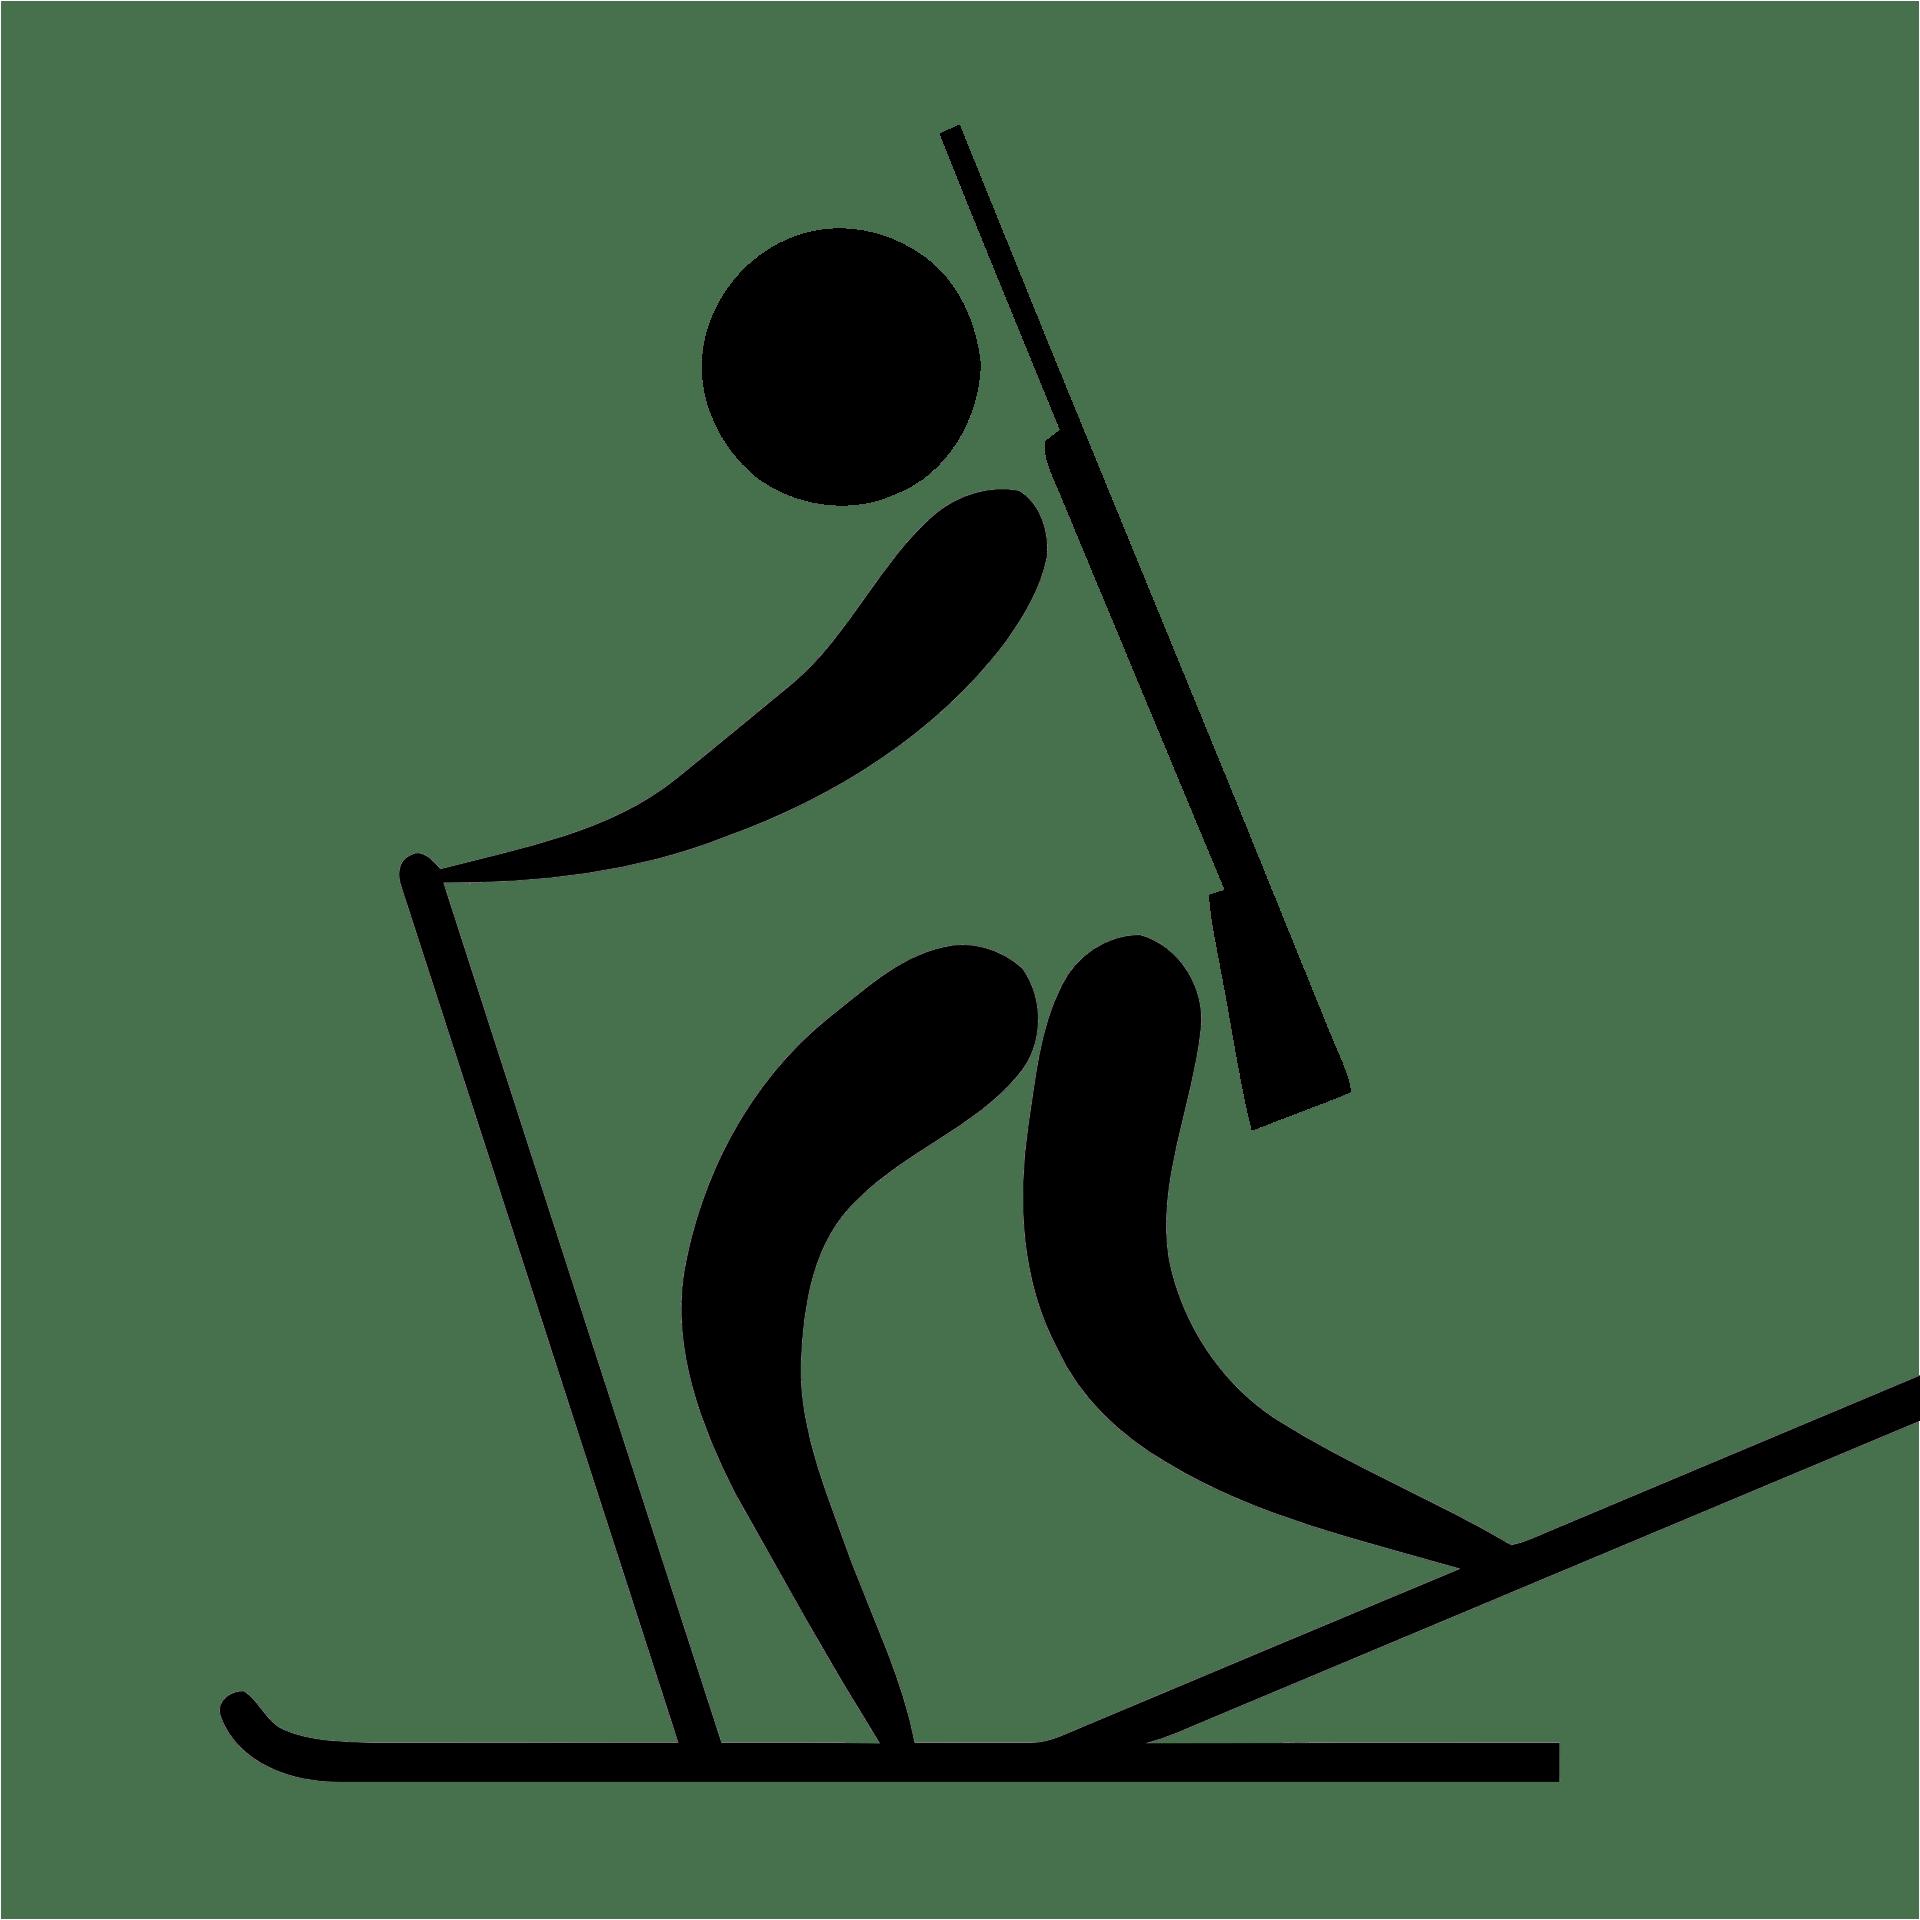 Tiefpunkt clipart svg freeuse Deutsche Biathleten am Tiefpunkt? - themenfreund svg freeuse